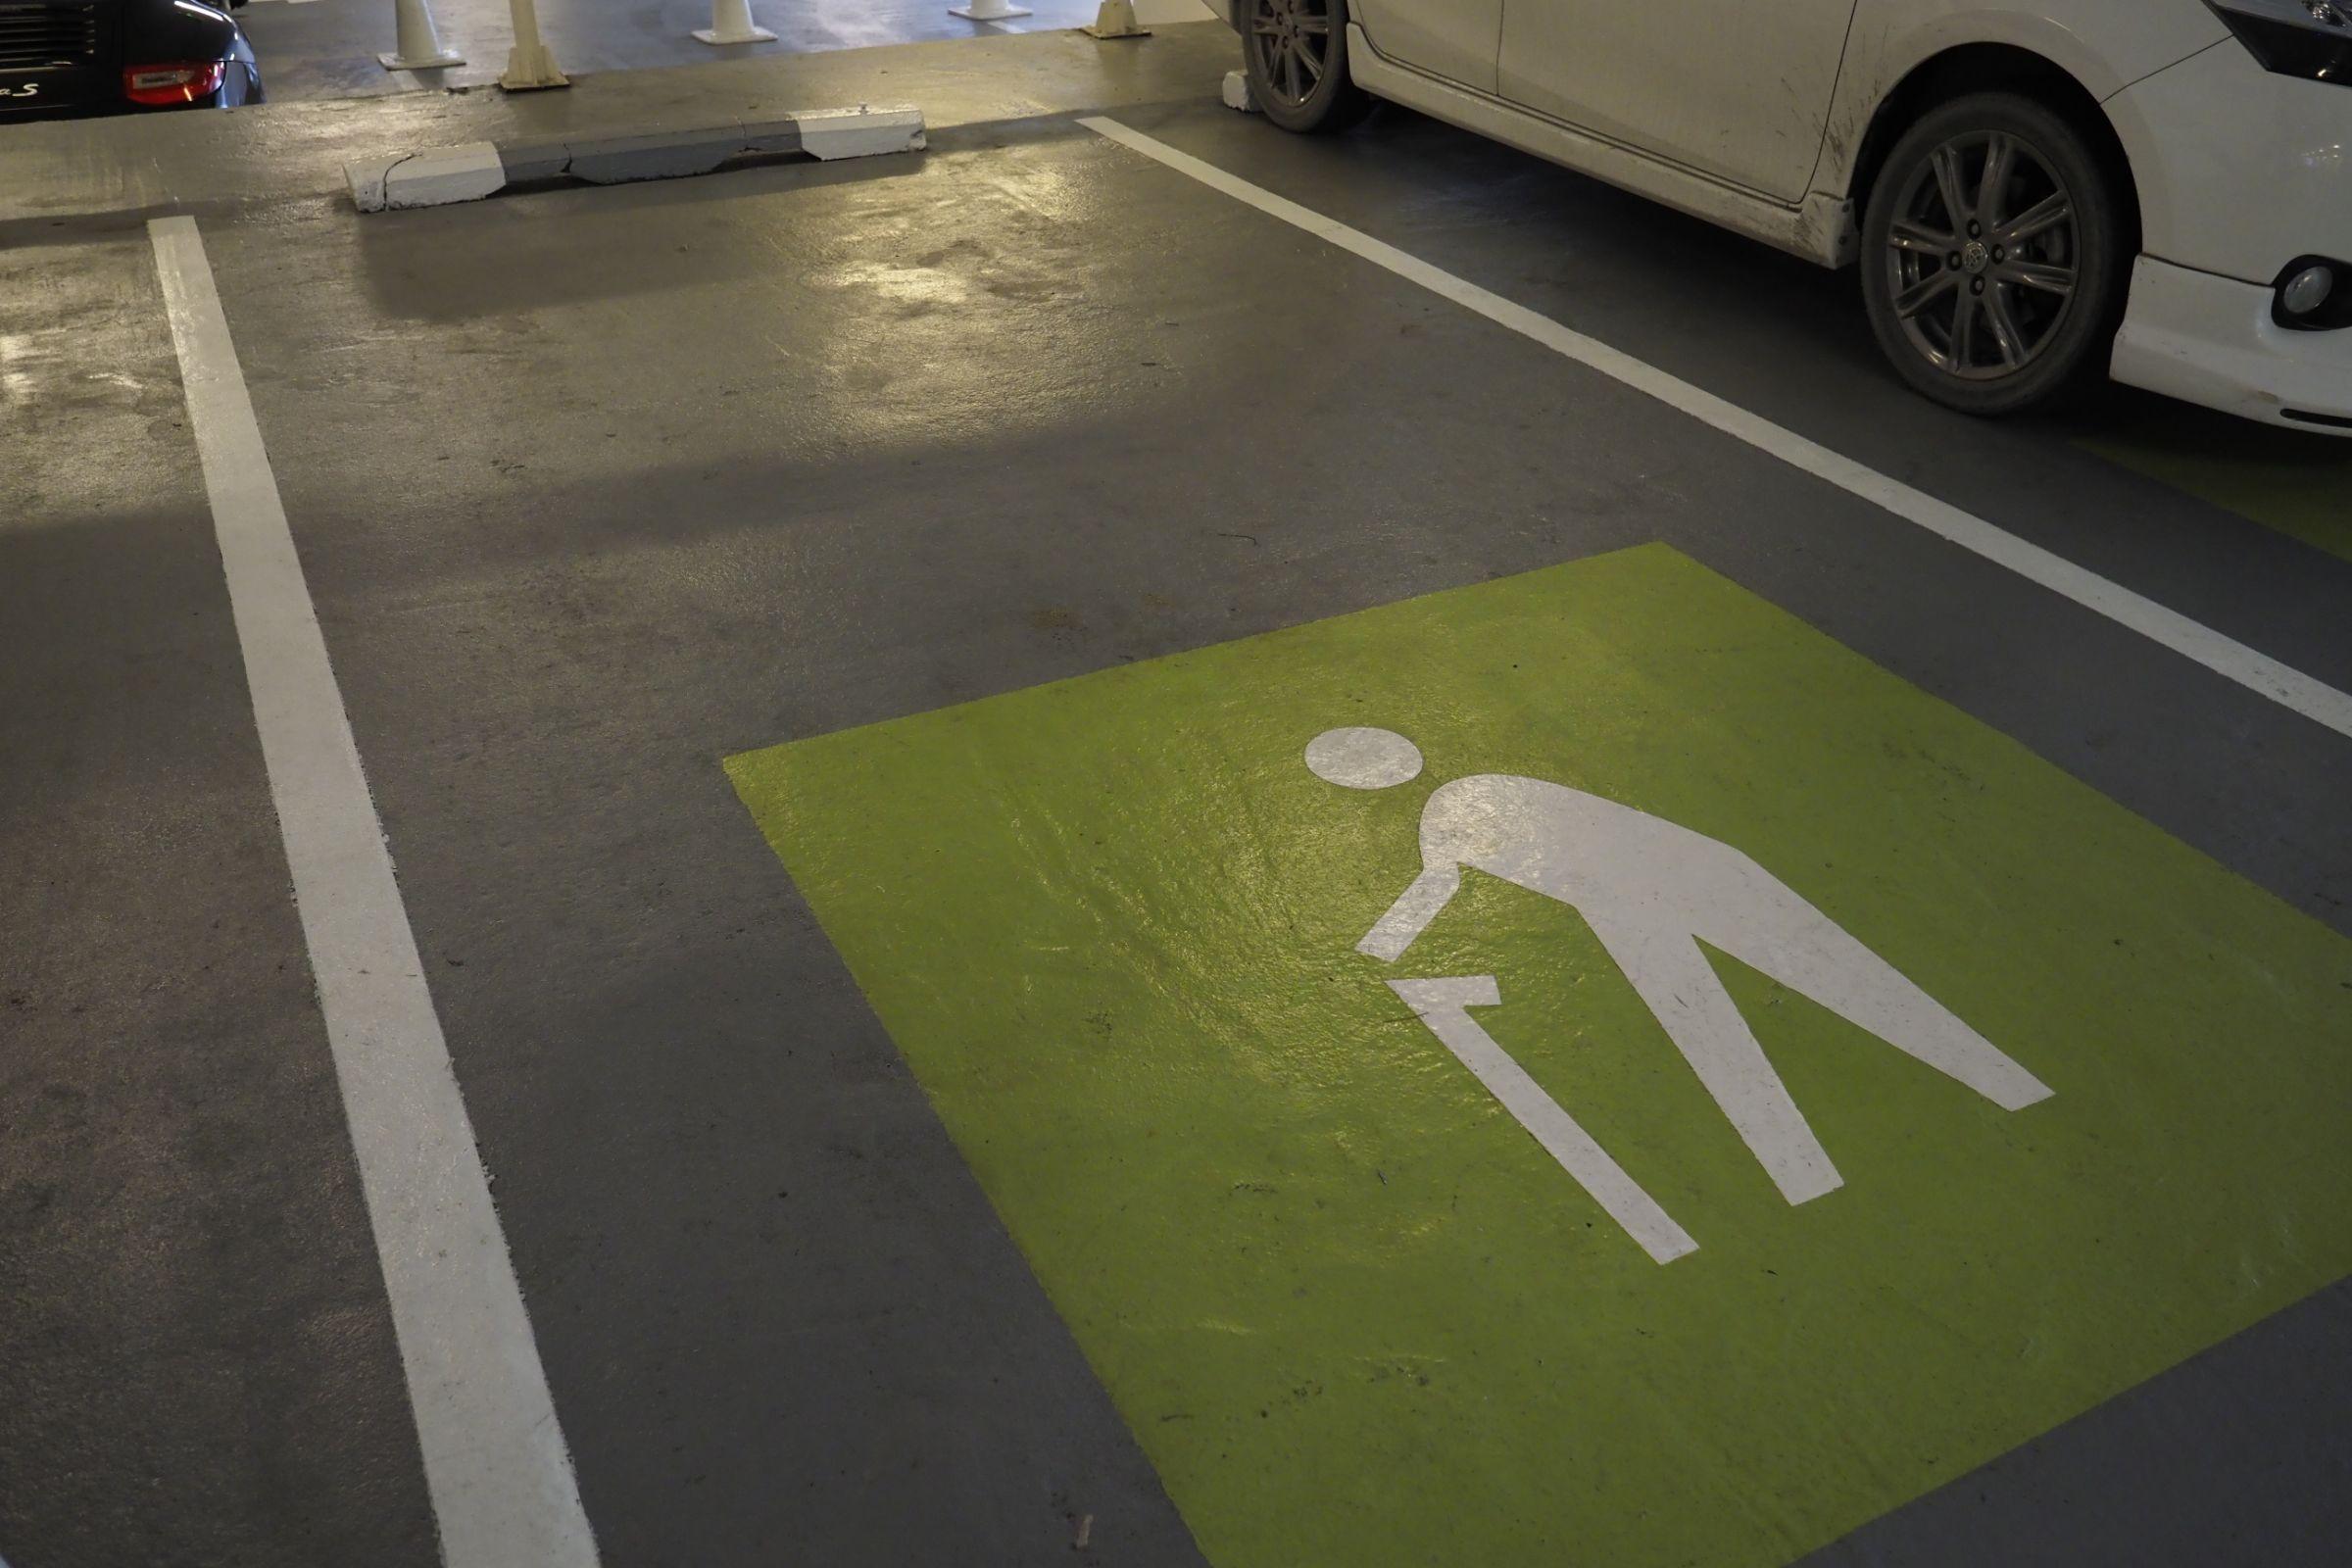 Projeto de Lei que tramita na Câmara dos Deputados quer criminalizar o ato de estacionar em vagas de idoso ou pessoa com deficiência.